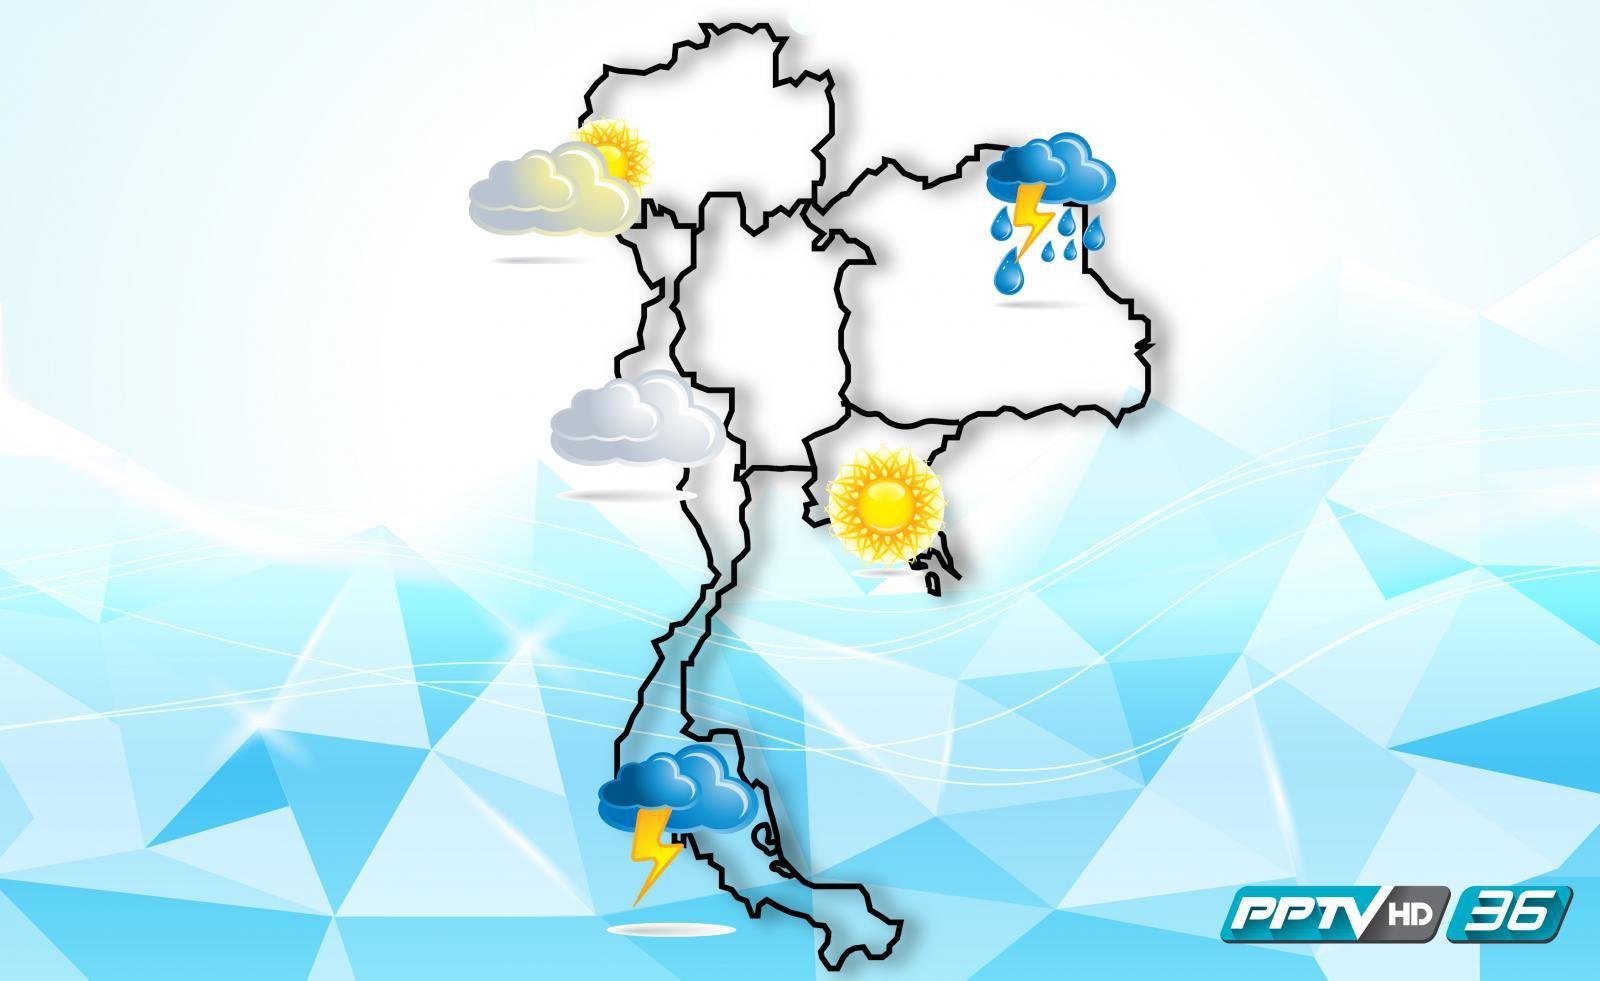 อุตุฯ ชี้ความกดอากาศต่ำยังปกคลุมประเทศไทยตอนบน